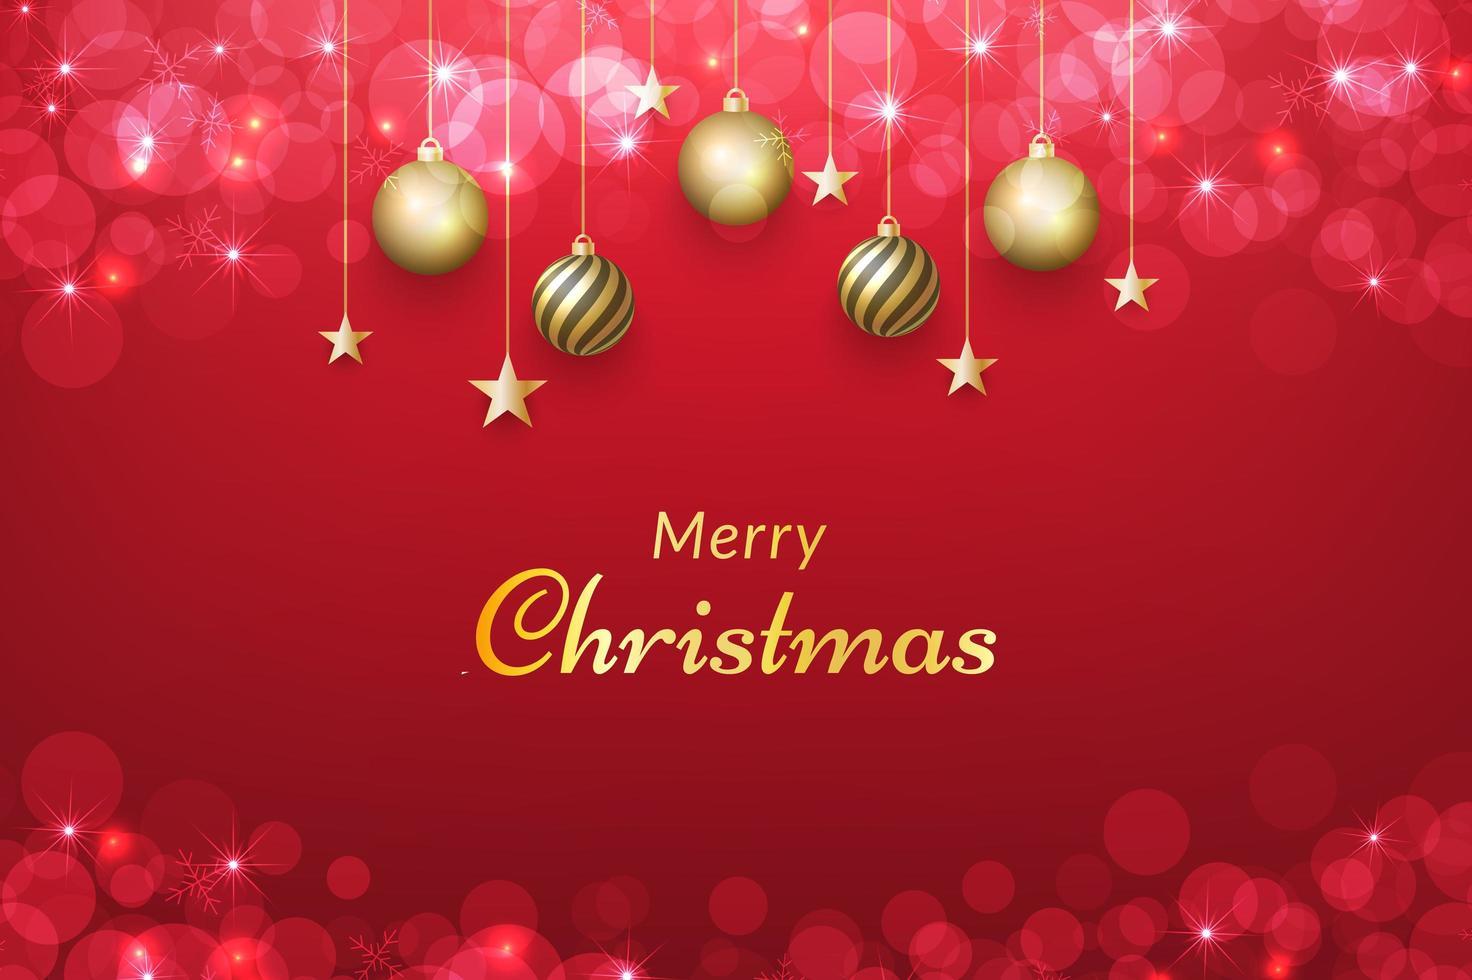 sfondo rosso di Natale con ornamenti appesi vettore